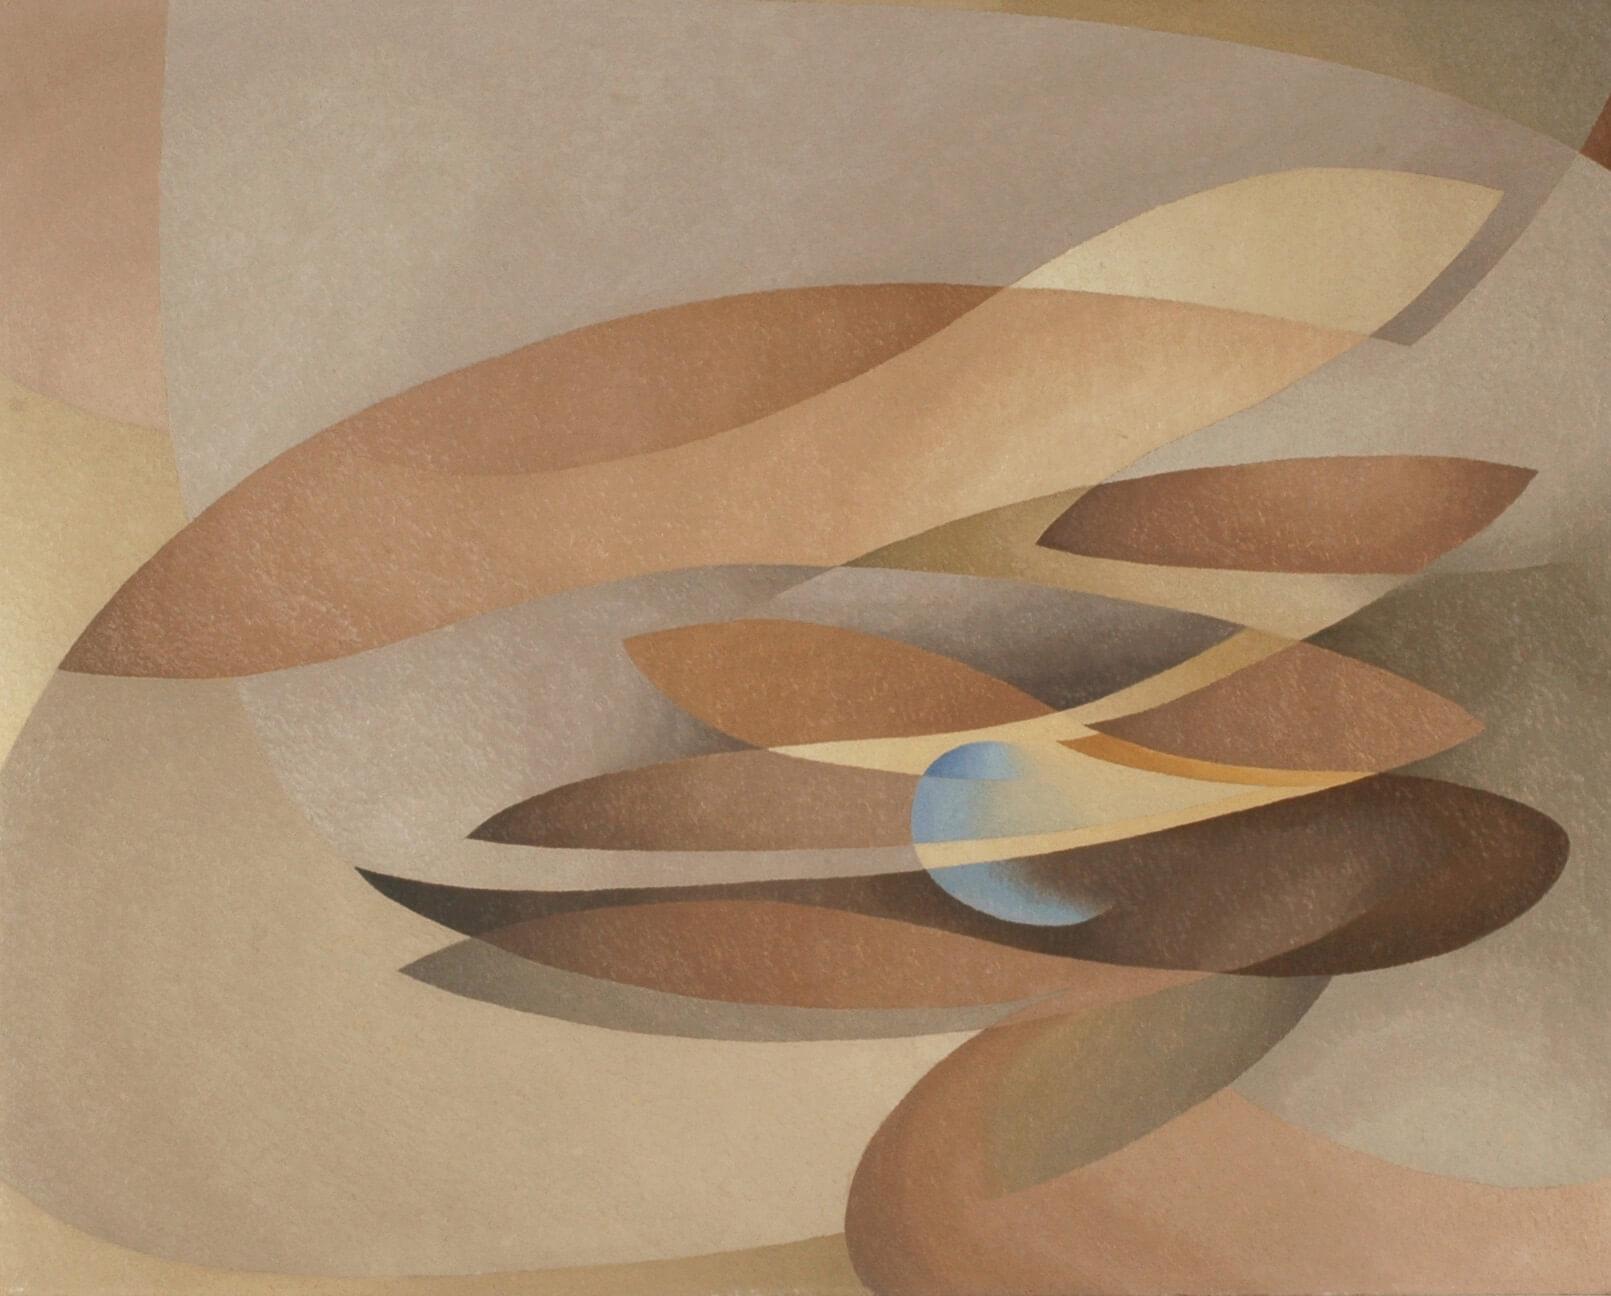 Lionel LeMoine FitzGerald, Sonate d'automne, 1953-1954